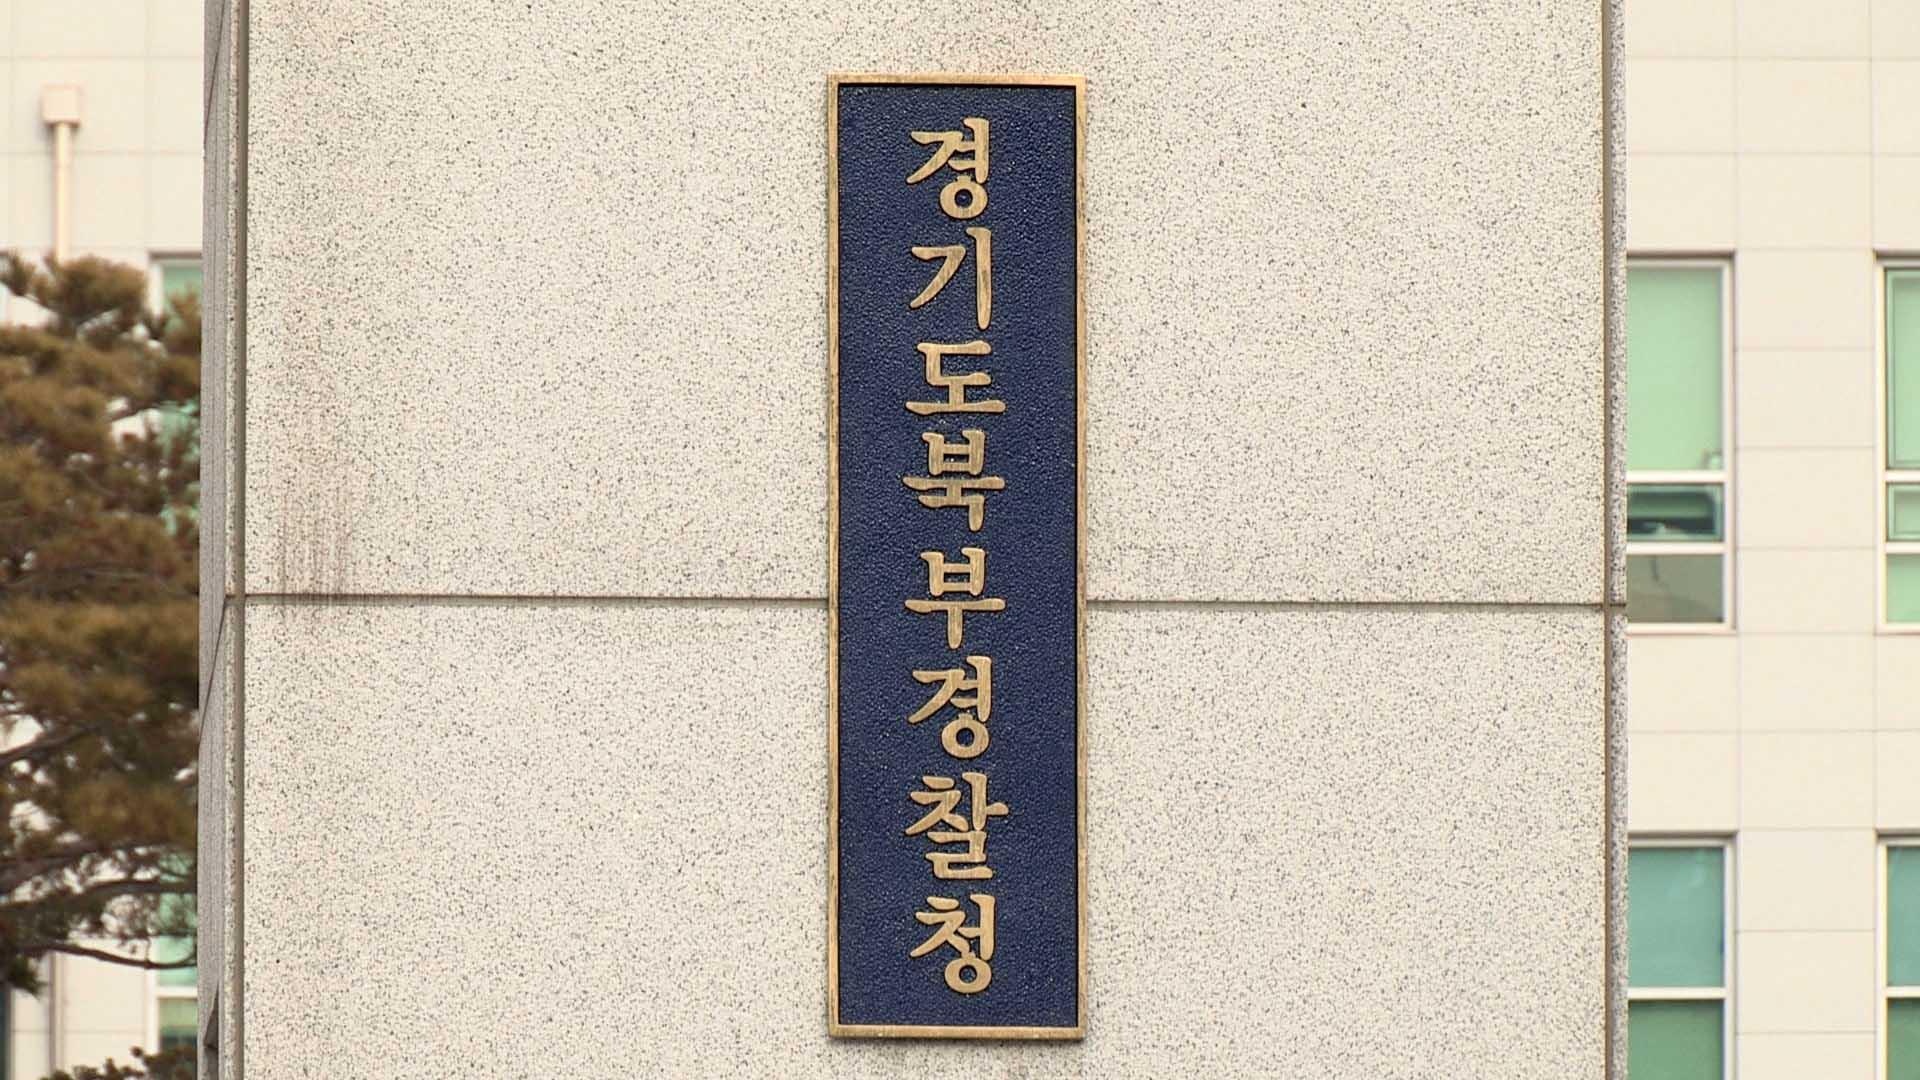 윤석열 부인 취재 중 '경찰 사칭' MBC 취재진 검찰 송치